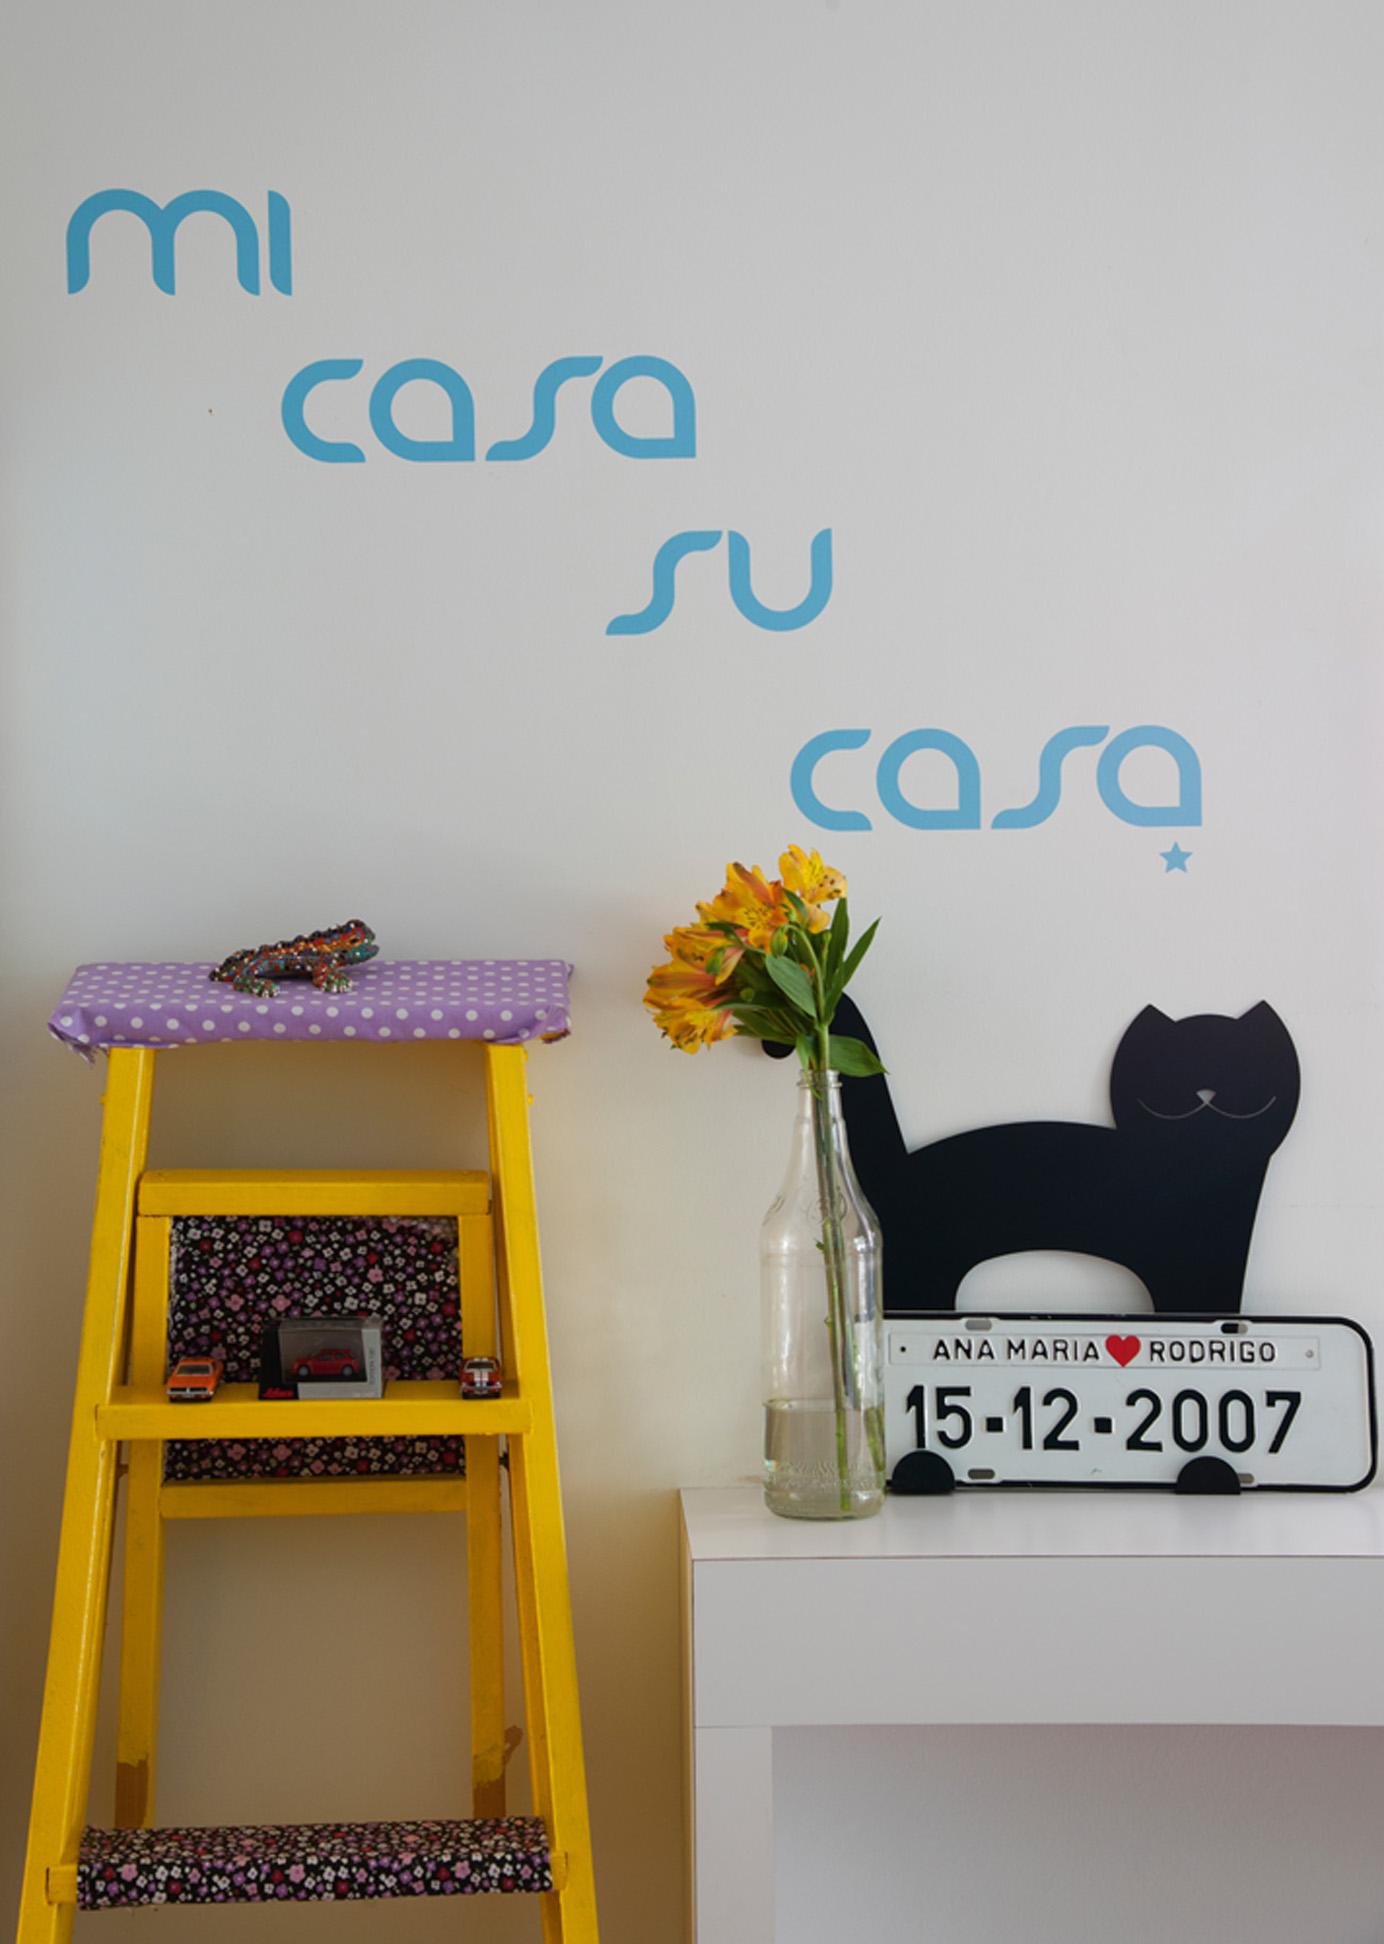 Degraus: No balcão entre a cozinha e a sala, adesivo de W3Marias e escadinha feita por ana. O gatinho é da Tok&Stok e a placa é suvenir do dia do casamento